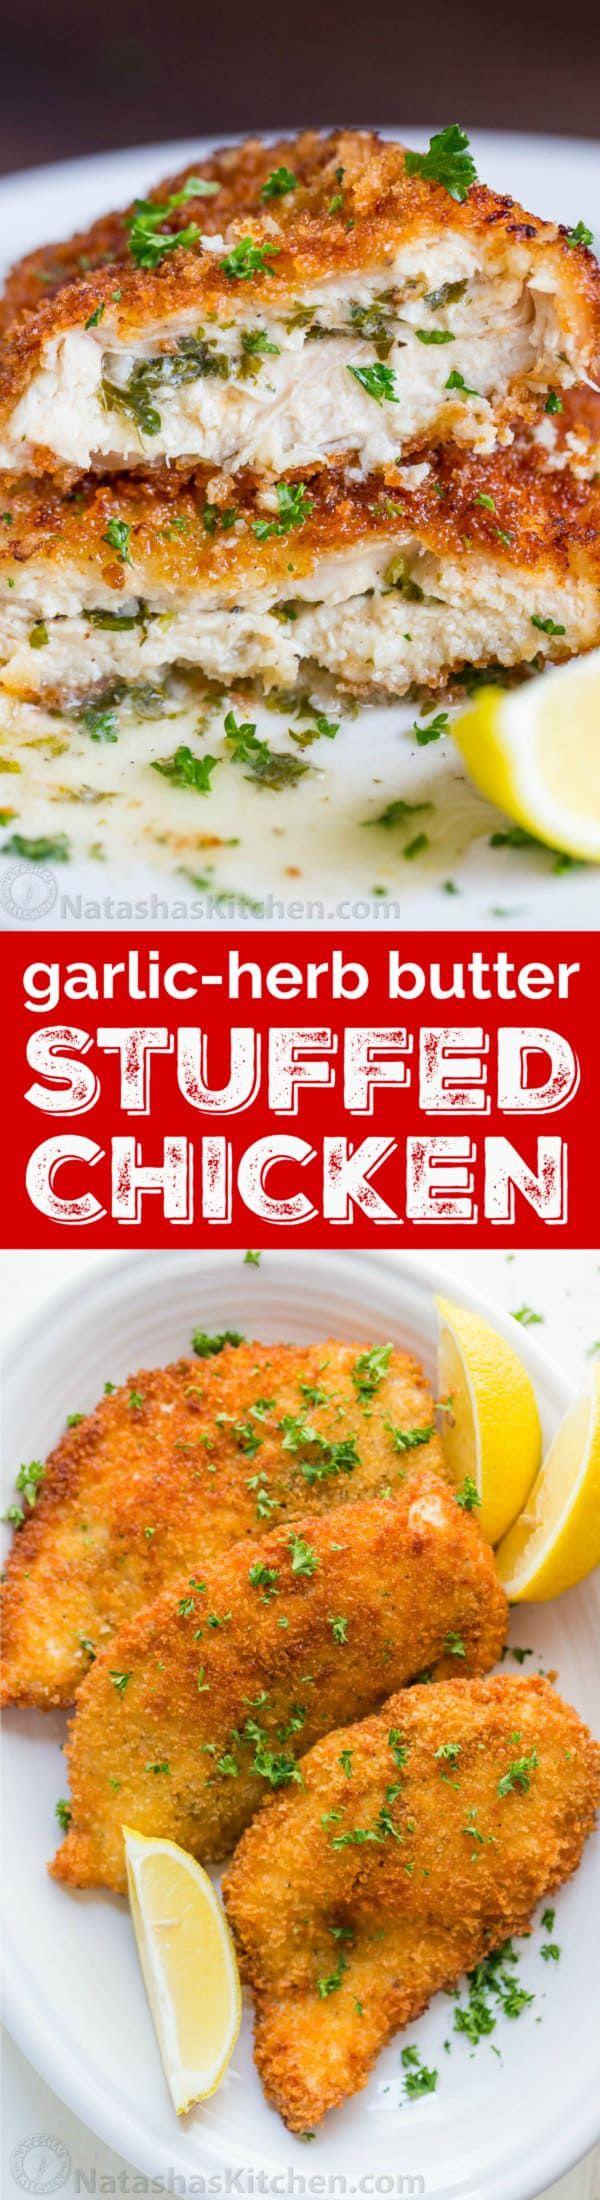 Garlic-Herb Butter Stuffed Chicken